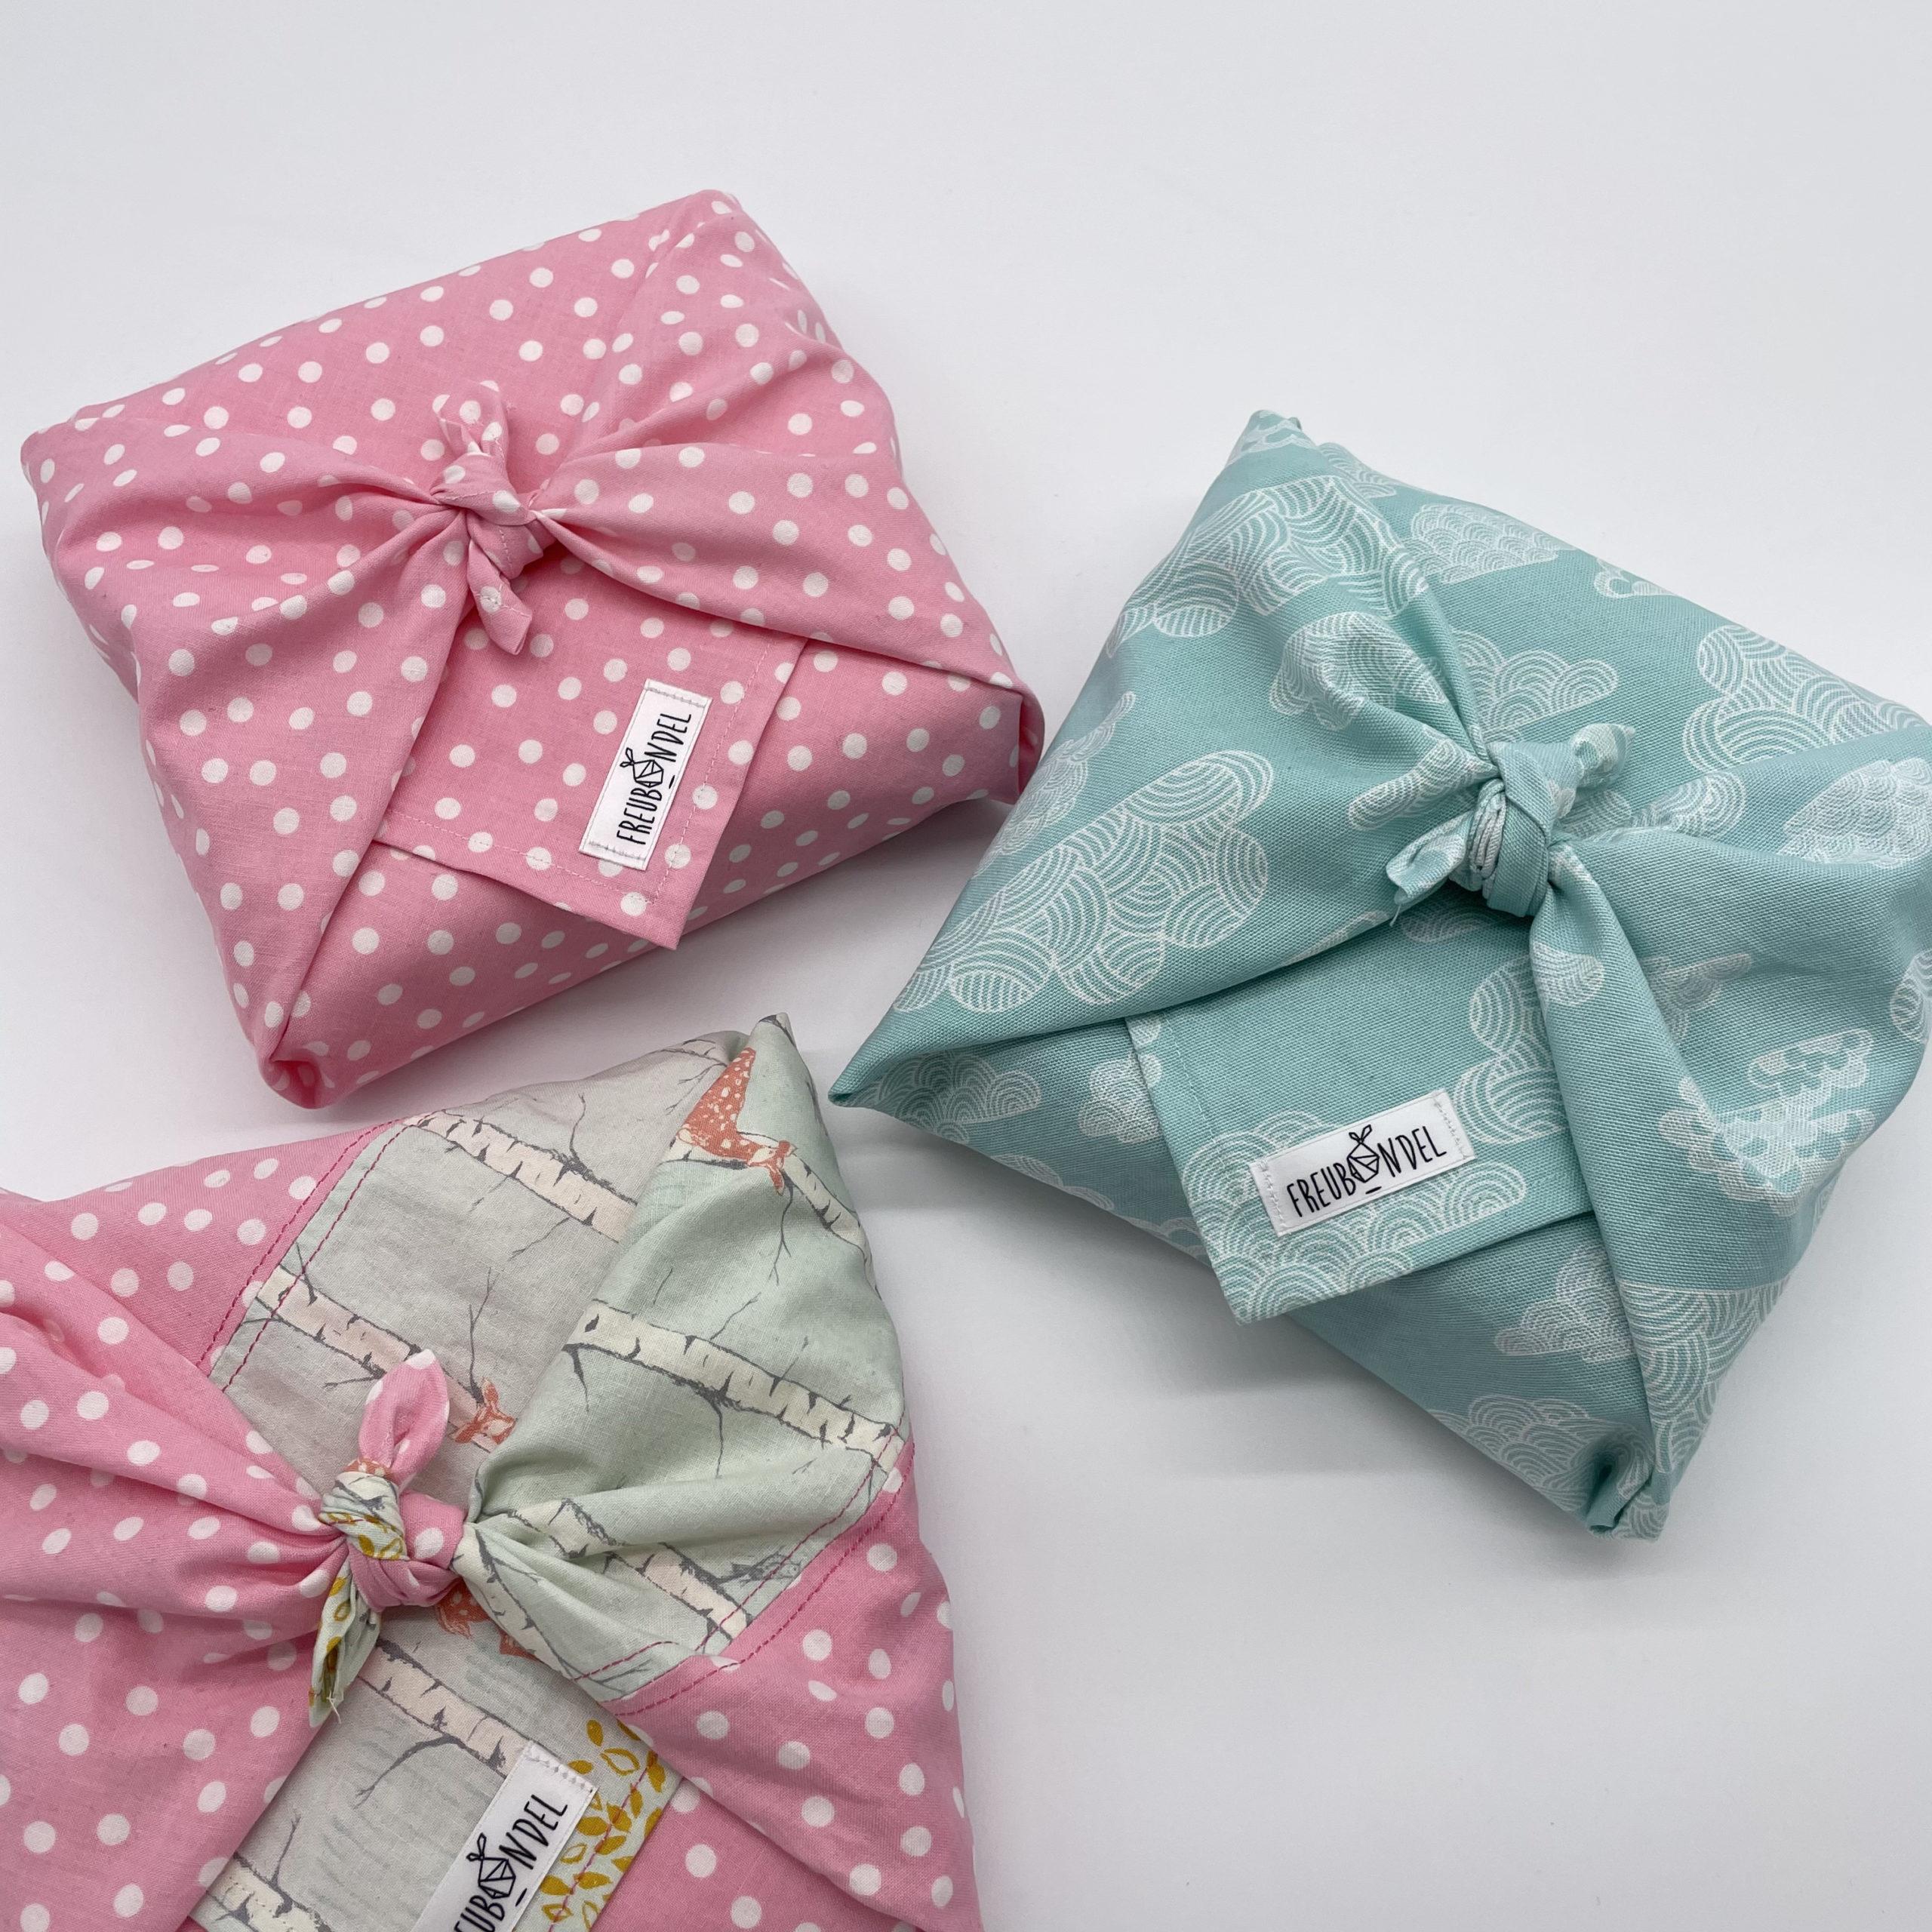 Geschenkverpackung: Upcycling Freubündel-Tuch aus Bio-Baumwolle